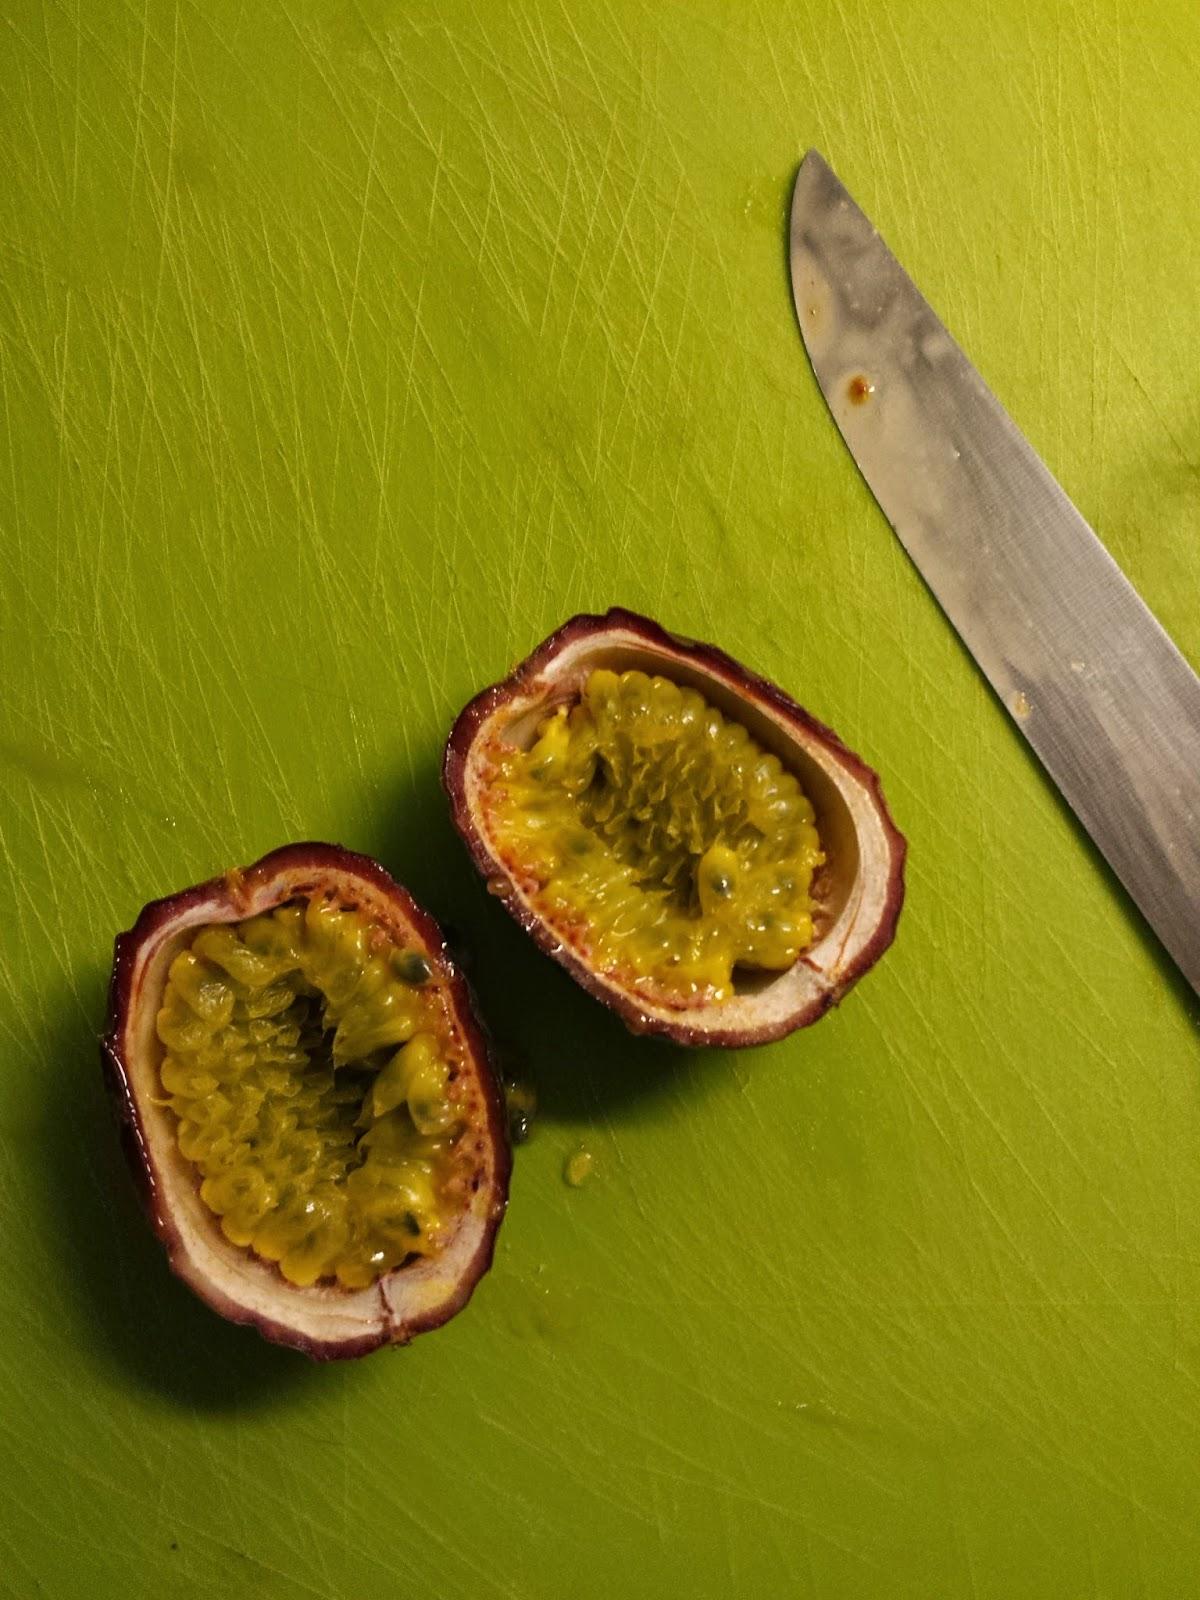 Zwei halbe Maracuja, auch als Passionsfrucht bekannt